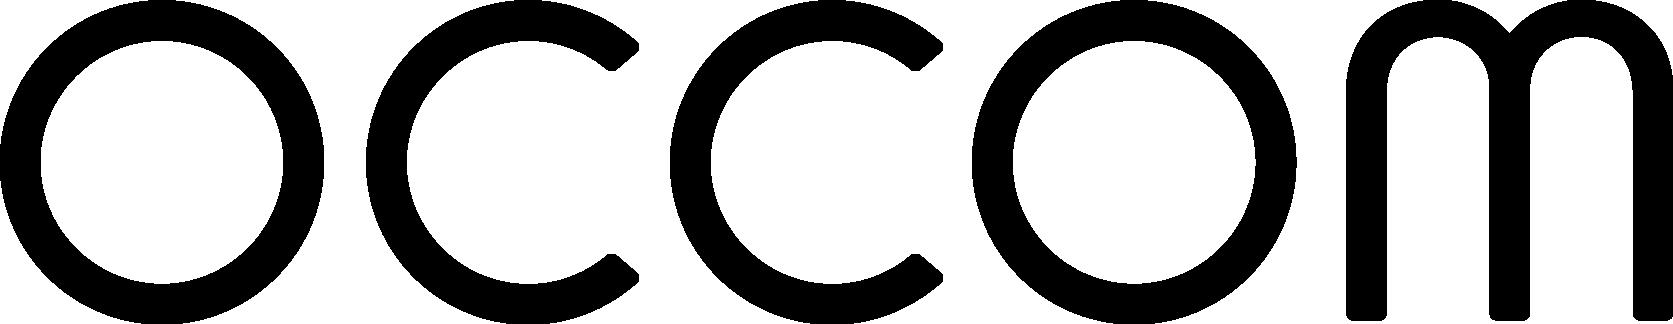 53e0ee92cffdc16b24d4728e_Occom_logo_final_blk.png